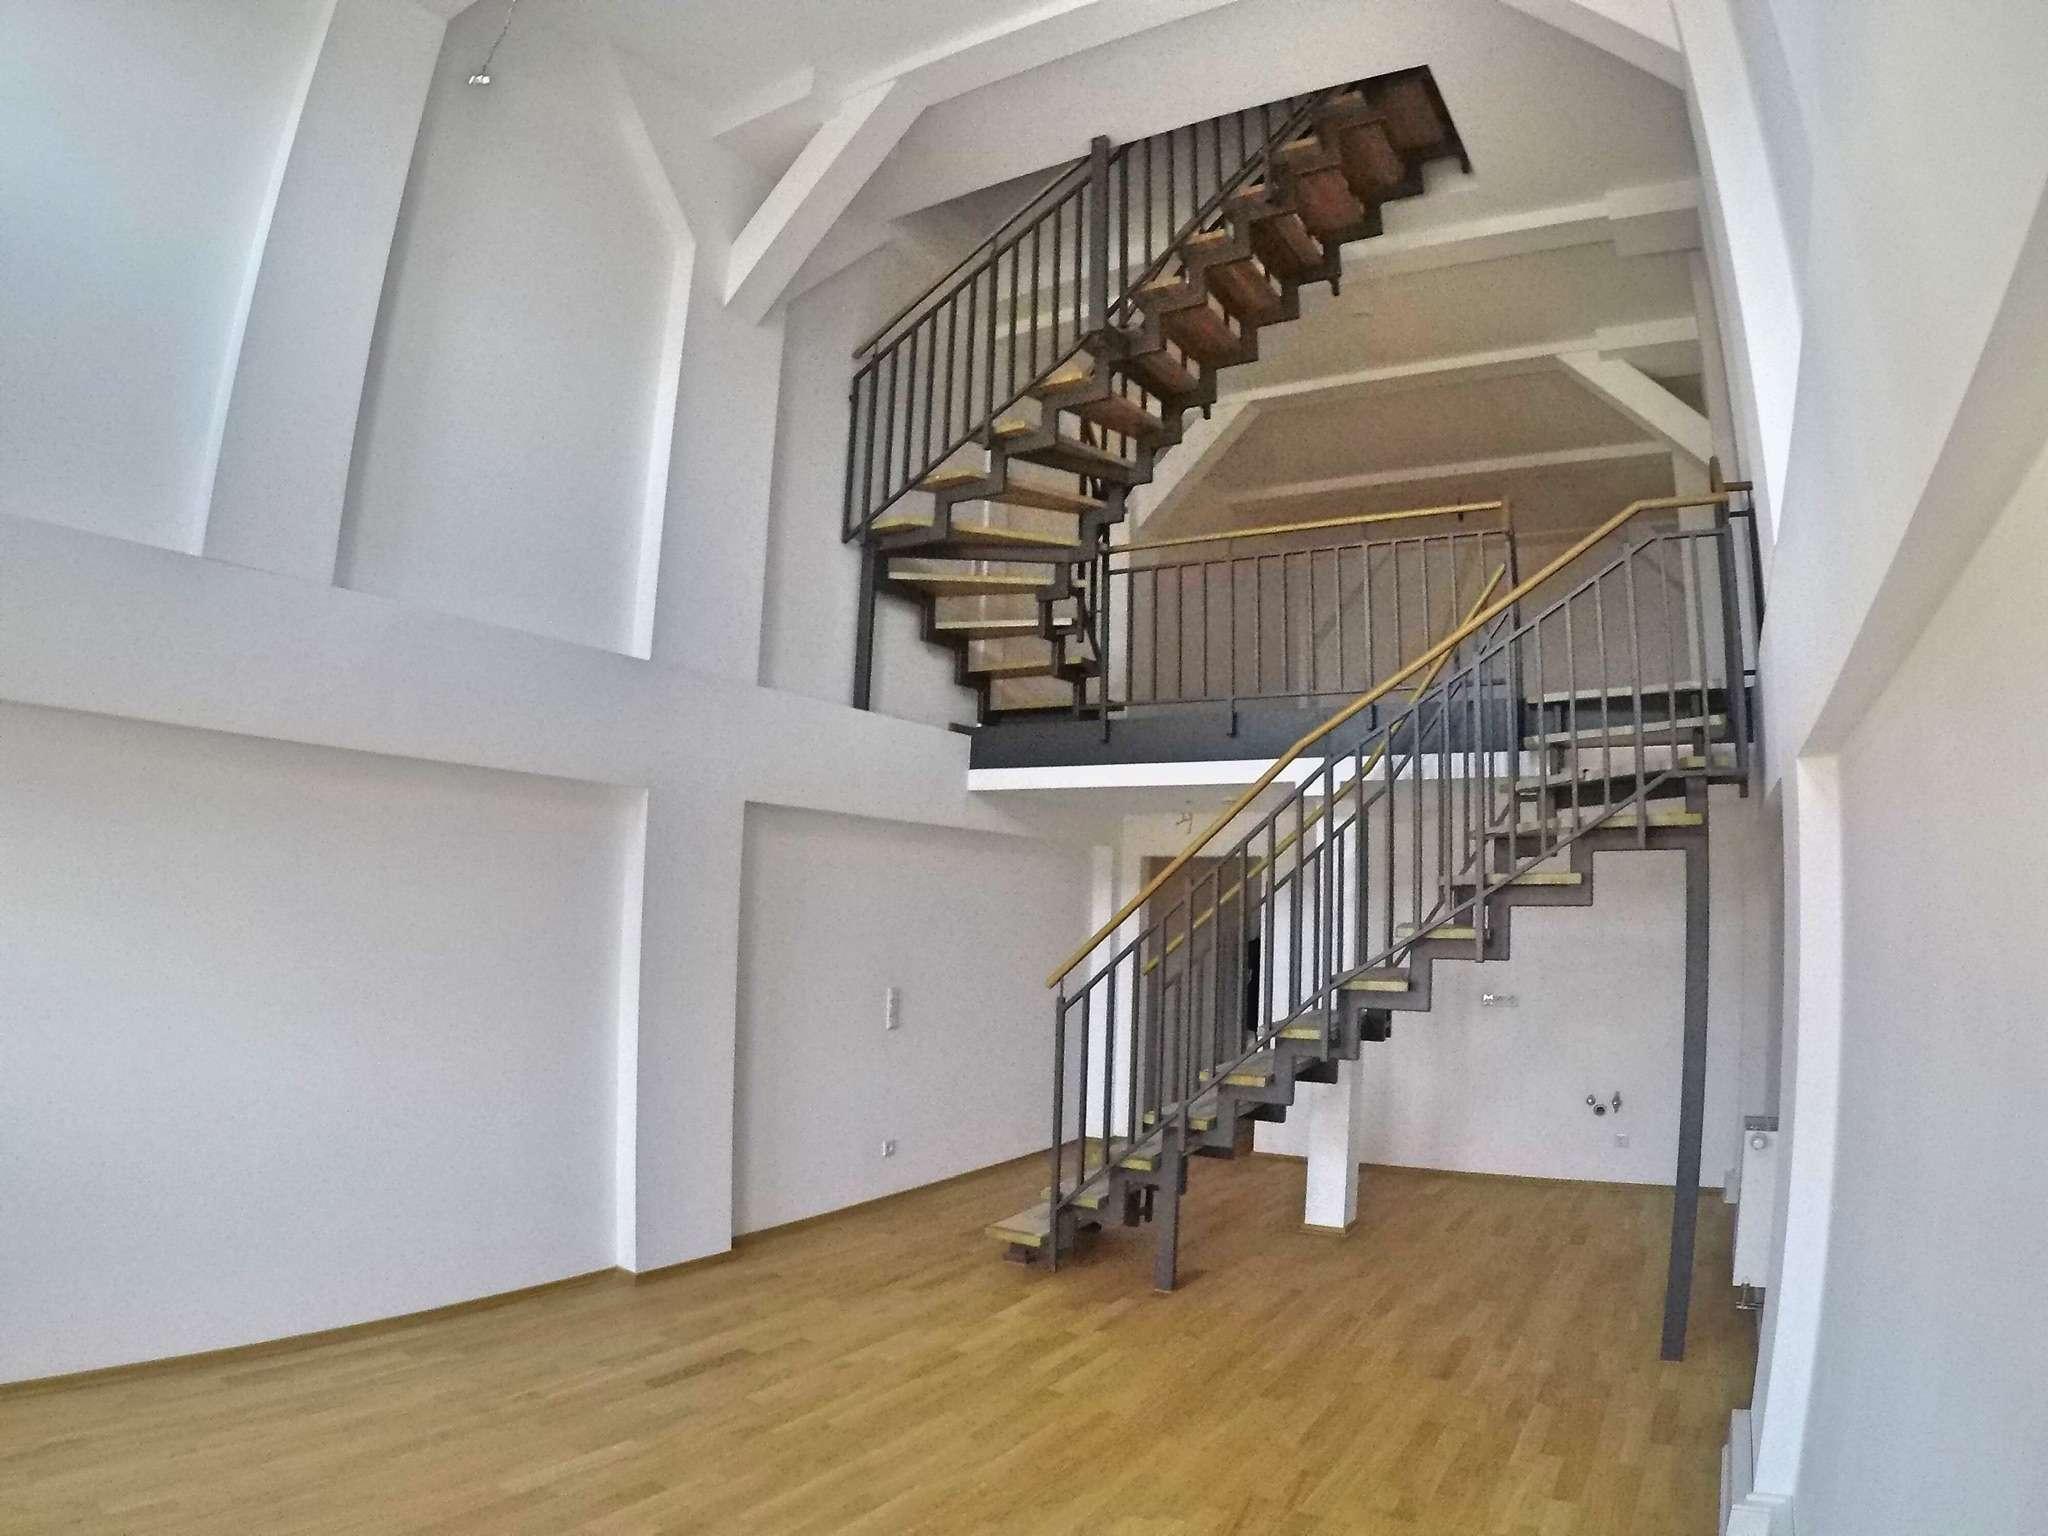 Einzigartiges Loft auf 3 Etagen in einem ehem. Straßenbahndepot, Erstbezug, 101m², 2,5 Zimmer in